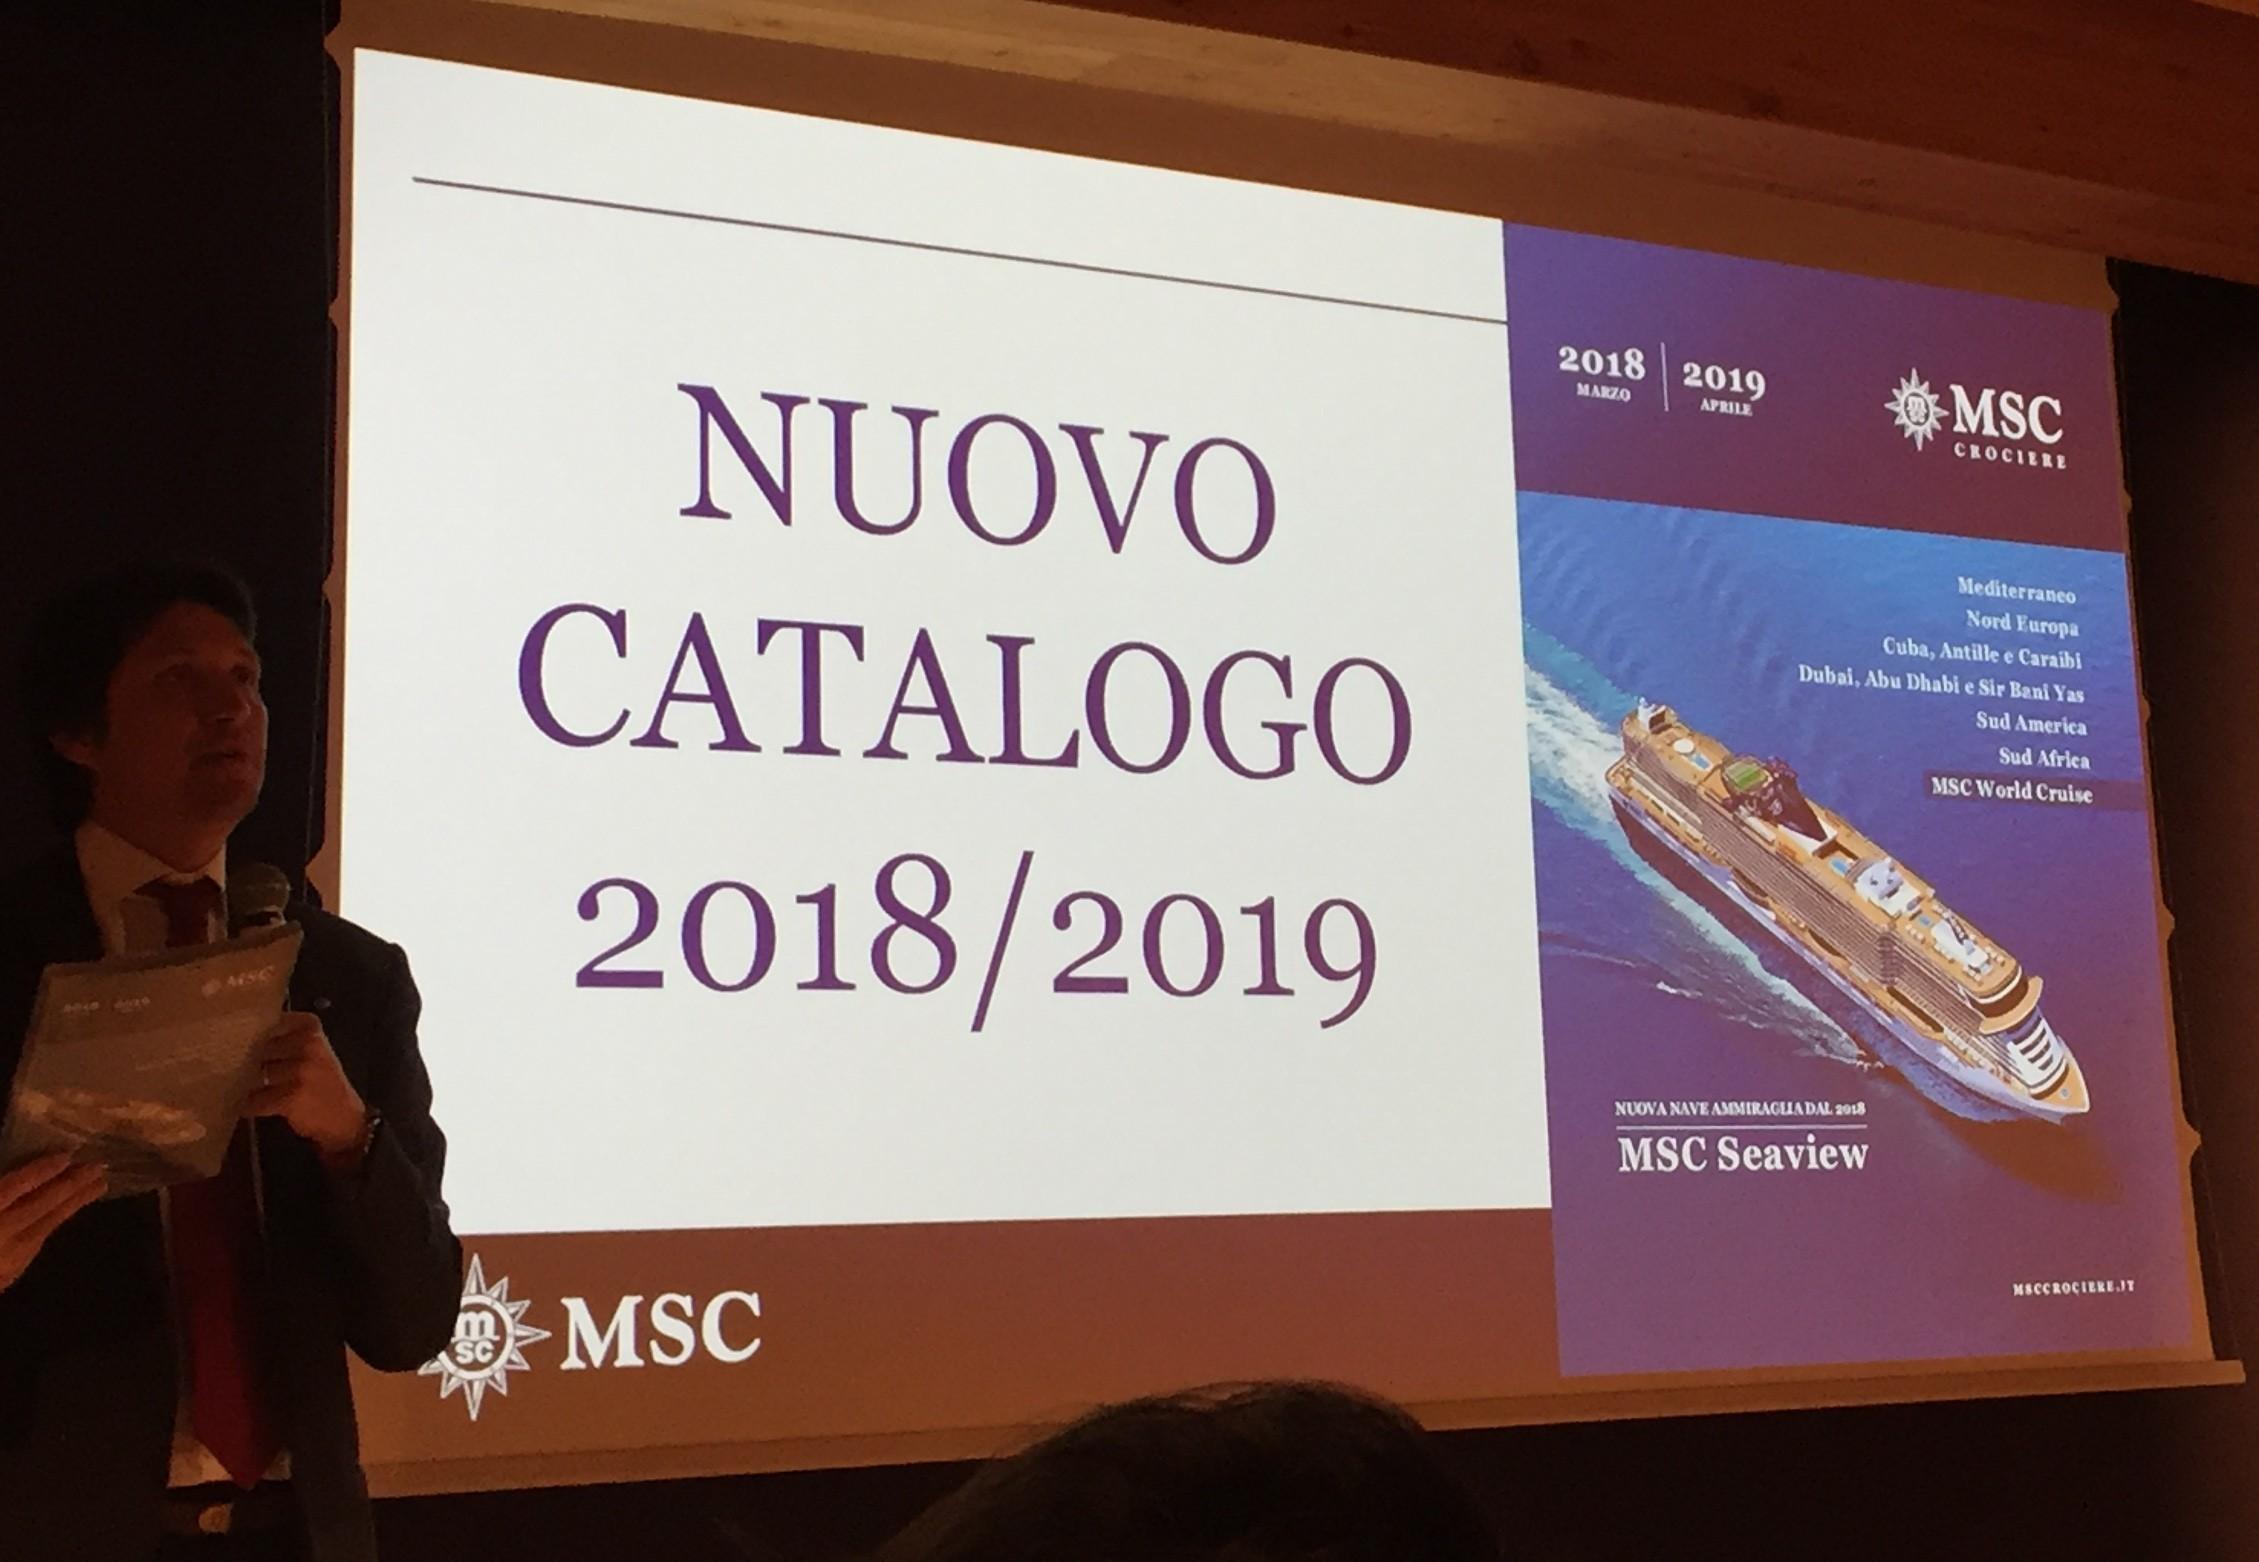 nuovo catalogo 2018 2019 msc crociere il pensiero di